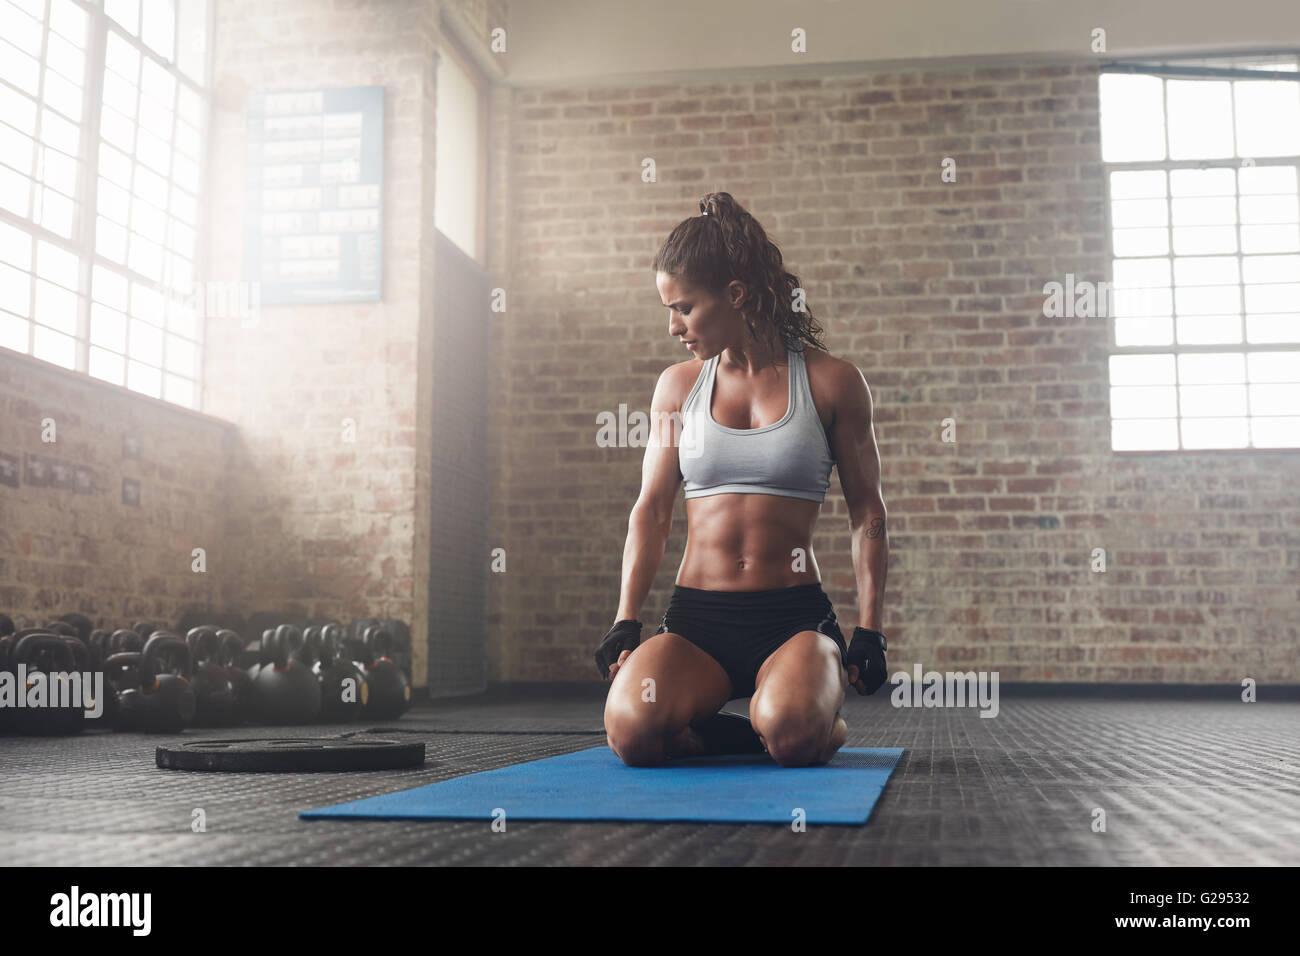 Piscina colpo di idoneità giovane donna seduta sul materassino yoga presso la palestra. Muscoloso giovane atleta Immagini Stock